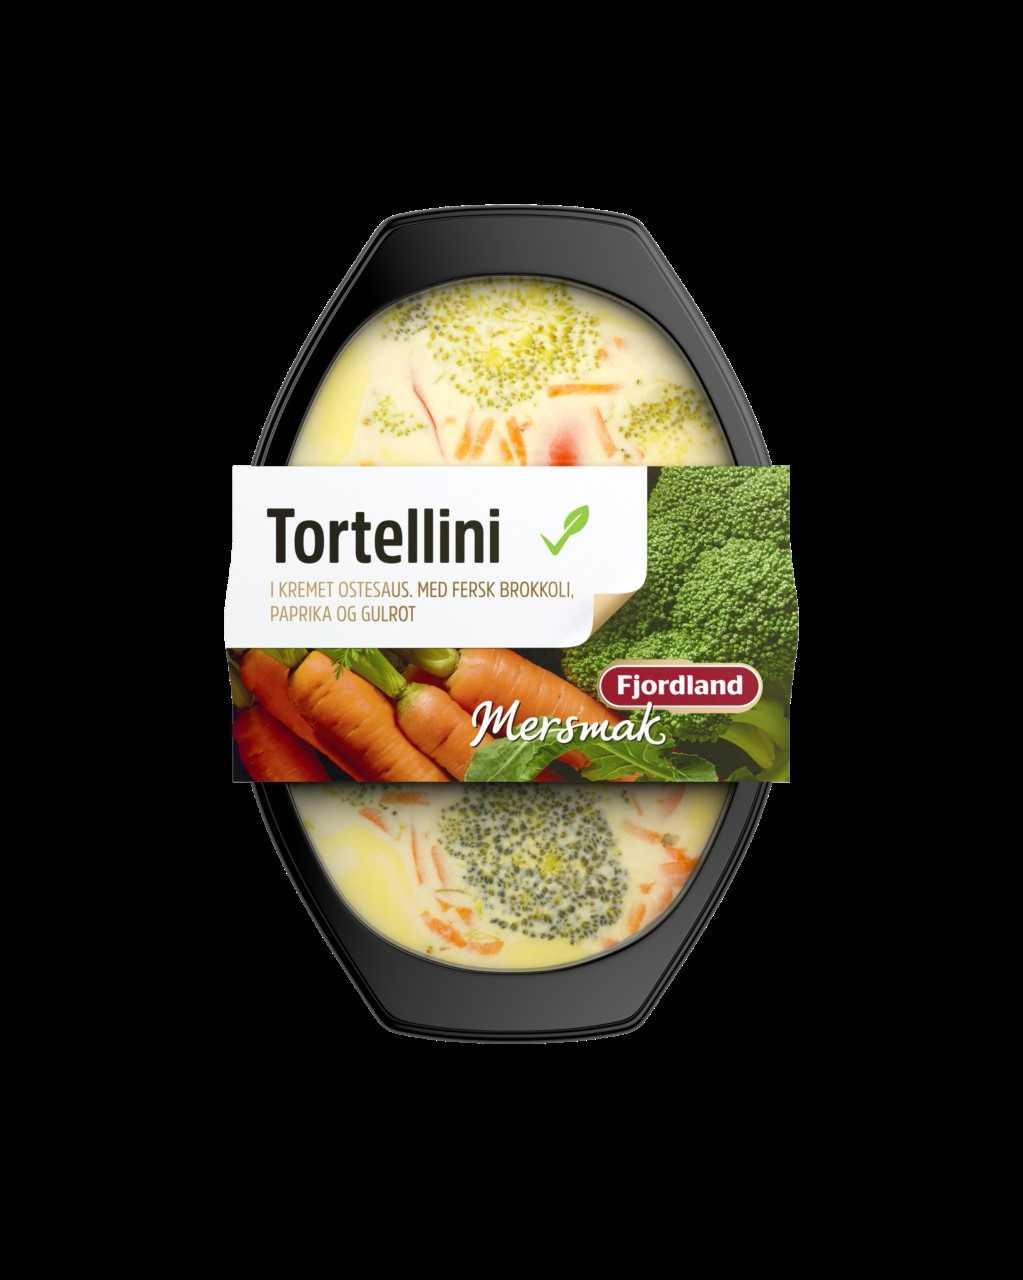 FERDIG: Tortellini med deilig ostesmak trenger kun oppvarming!